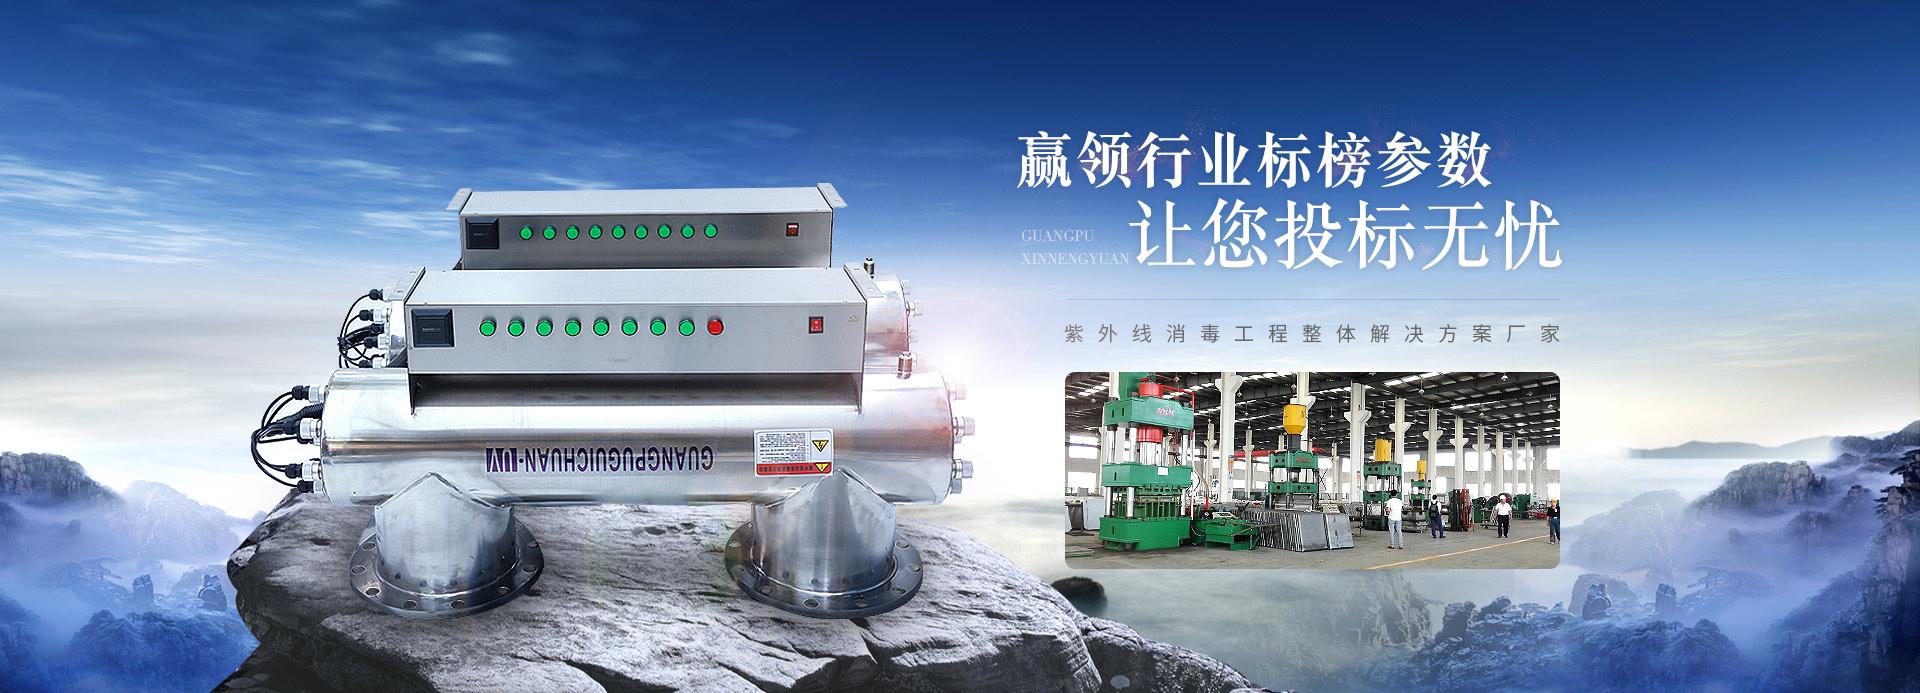 光普桂川-紫外线消毒工程整体解决方案厂家